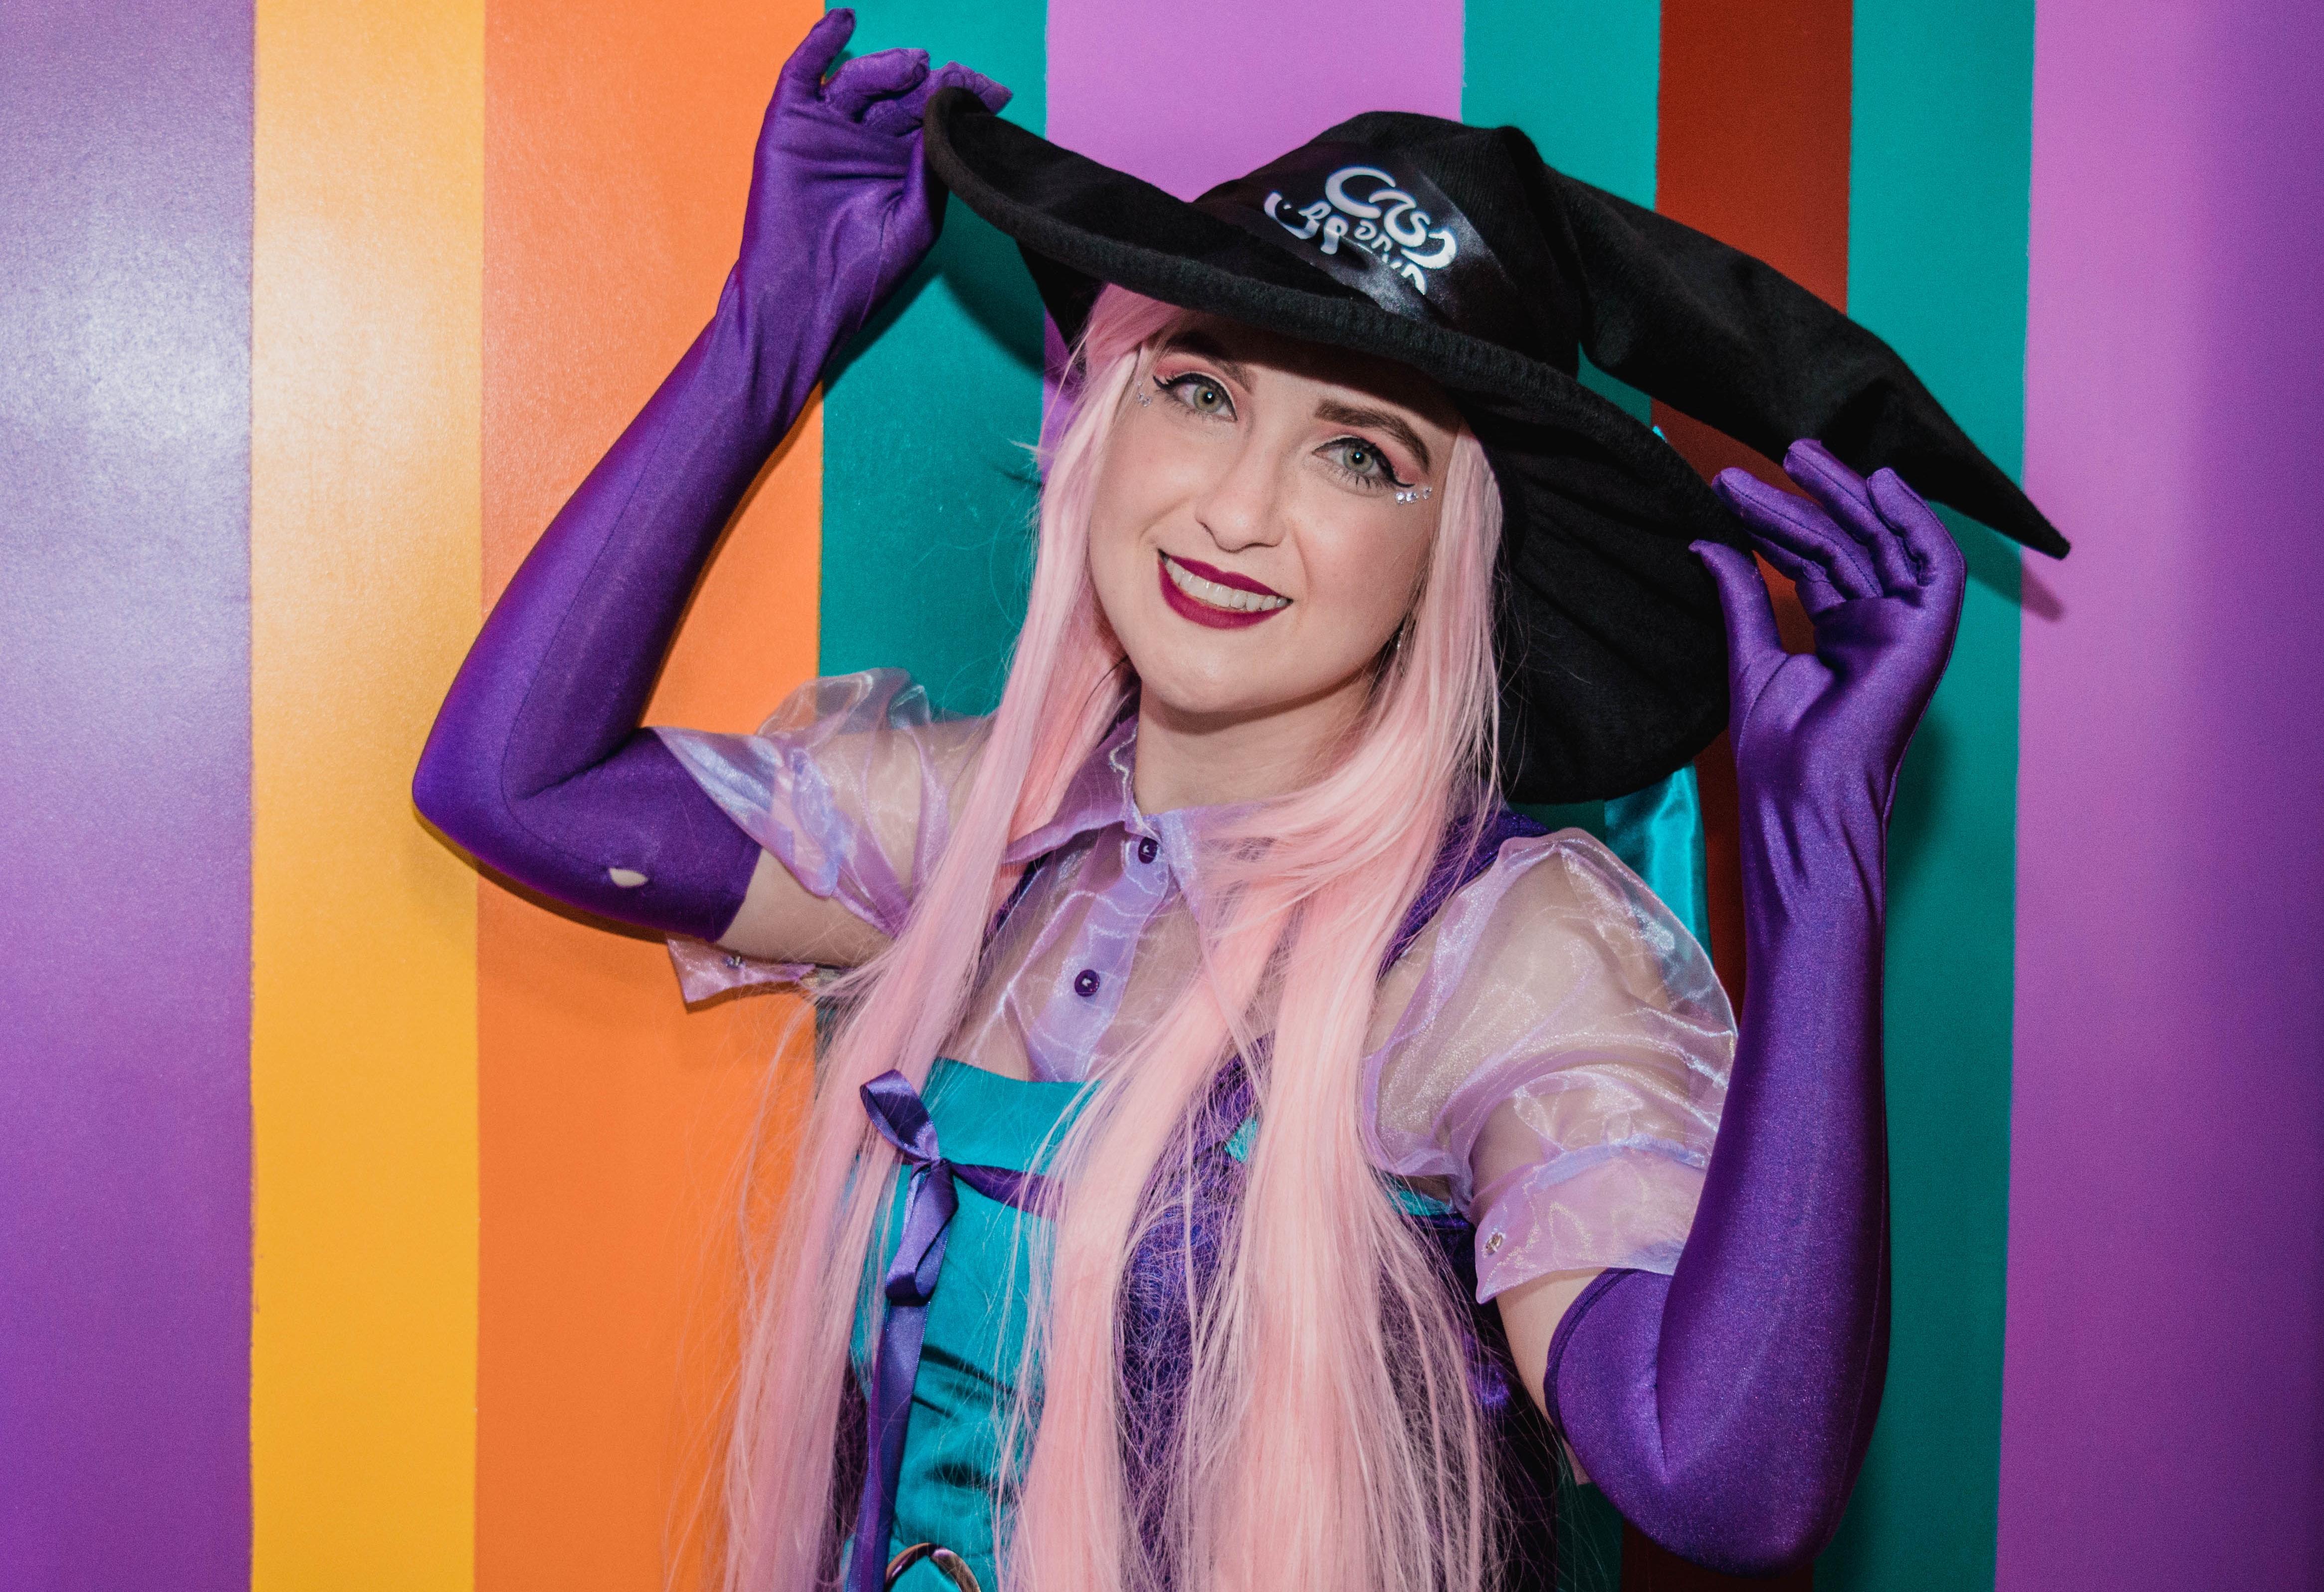 A Bruxinha preparou oficina de máscaras e uma seleção para o Ministério da Magia durante seu bloquinho de Carnaval (Foto: Divulgação)